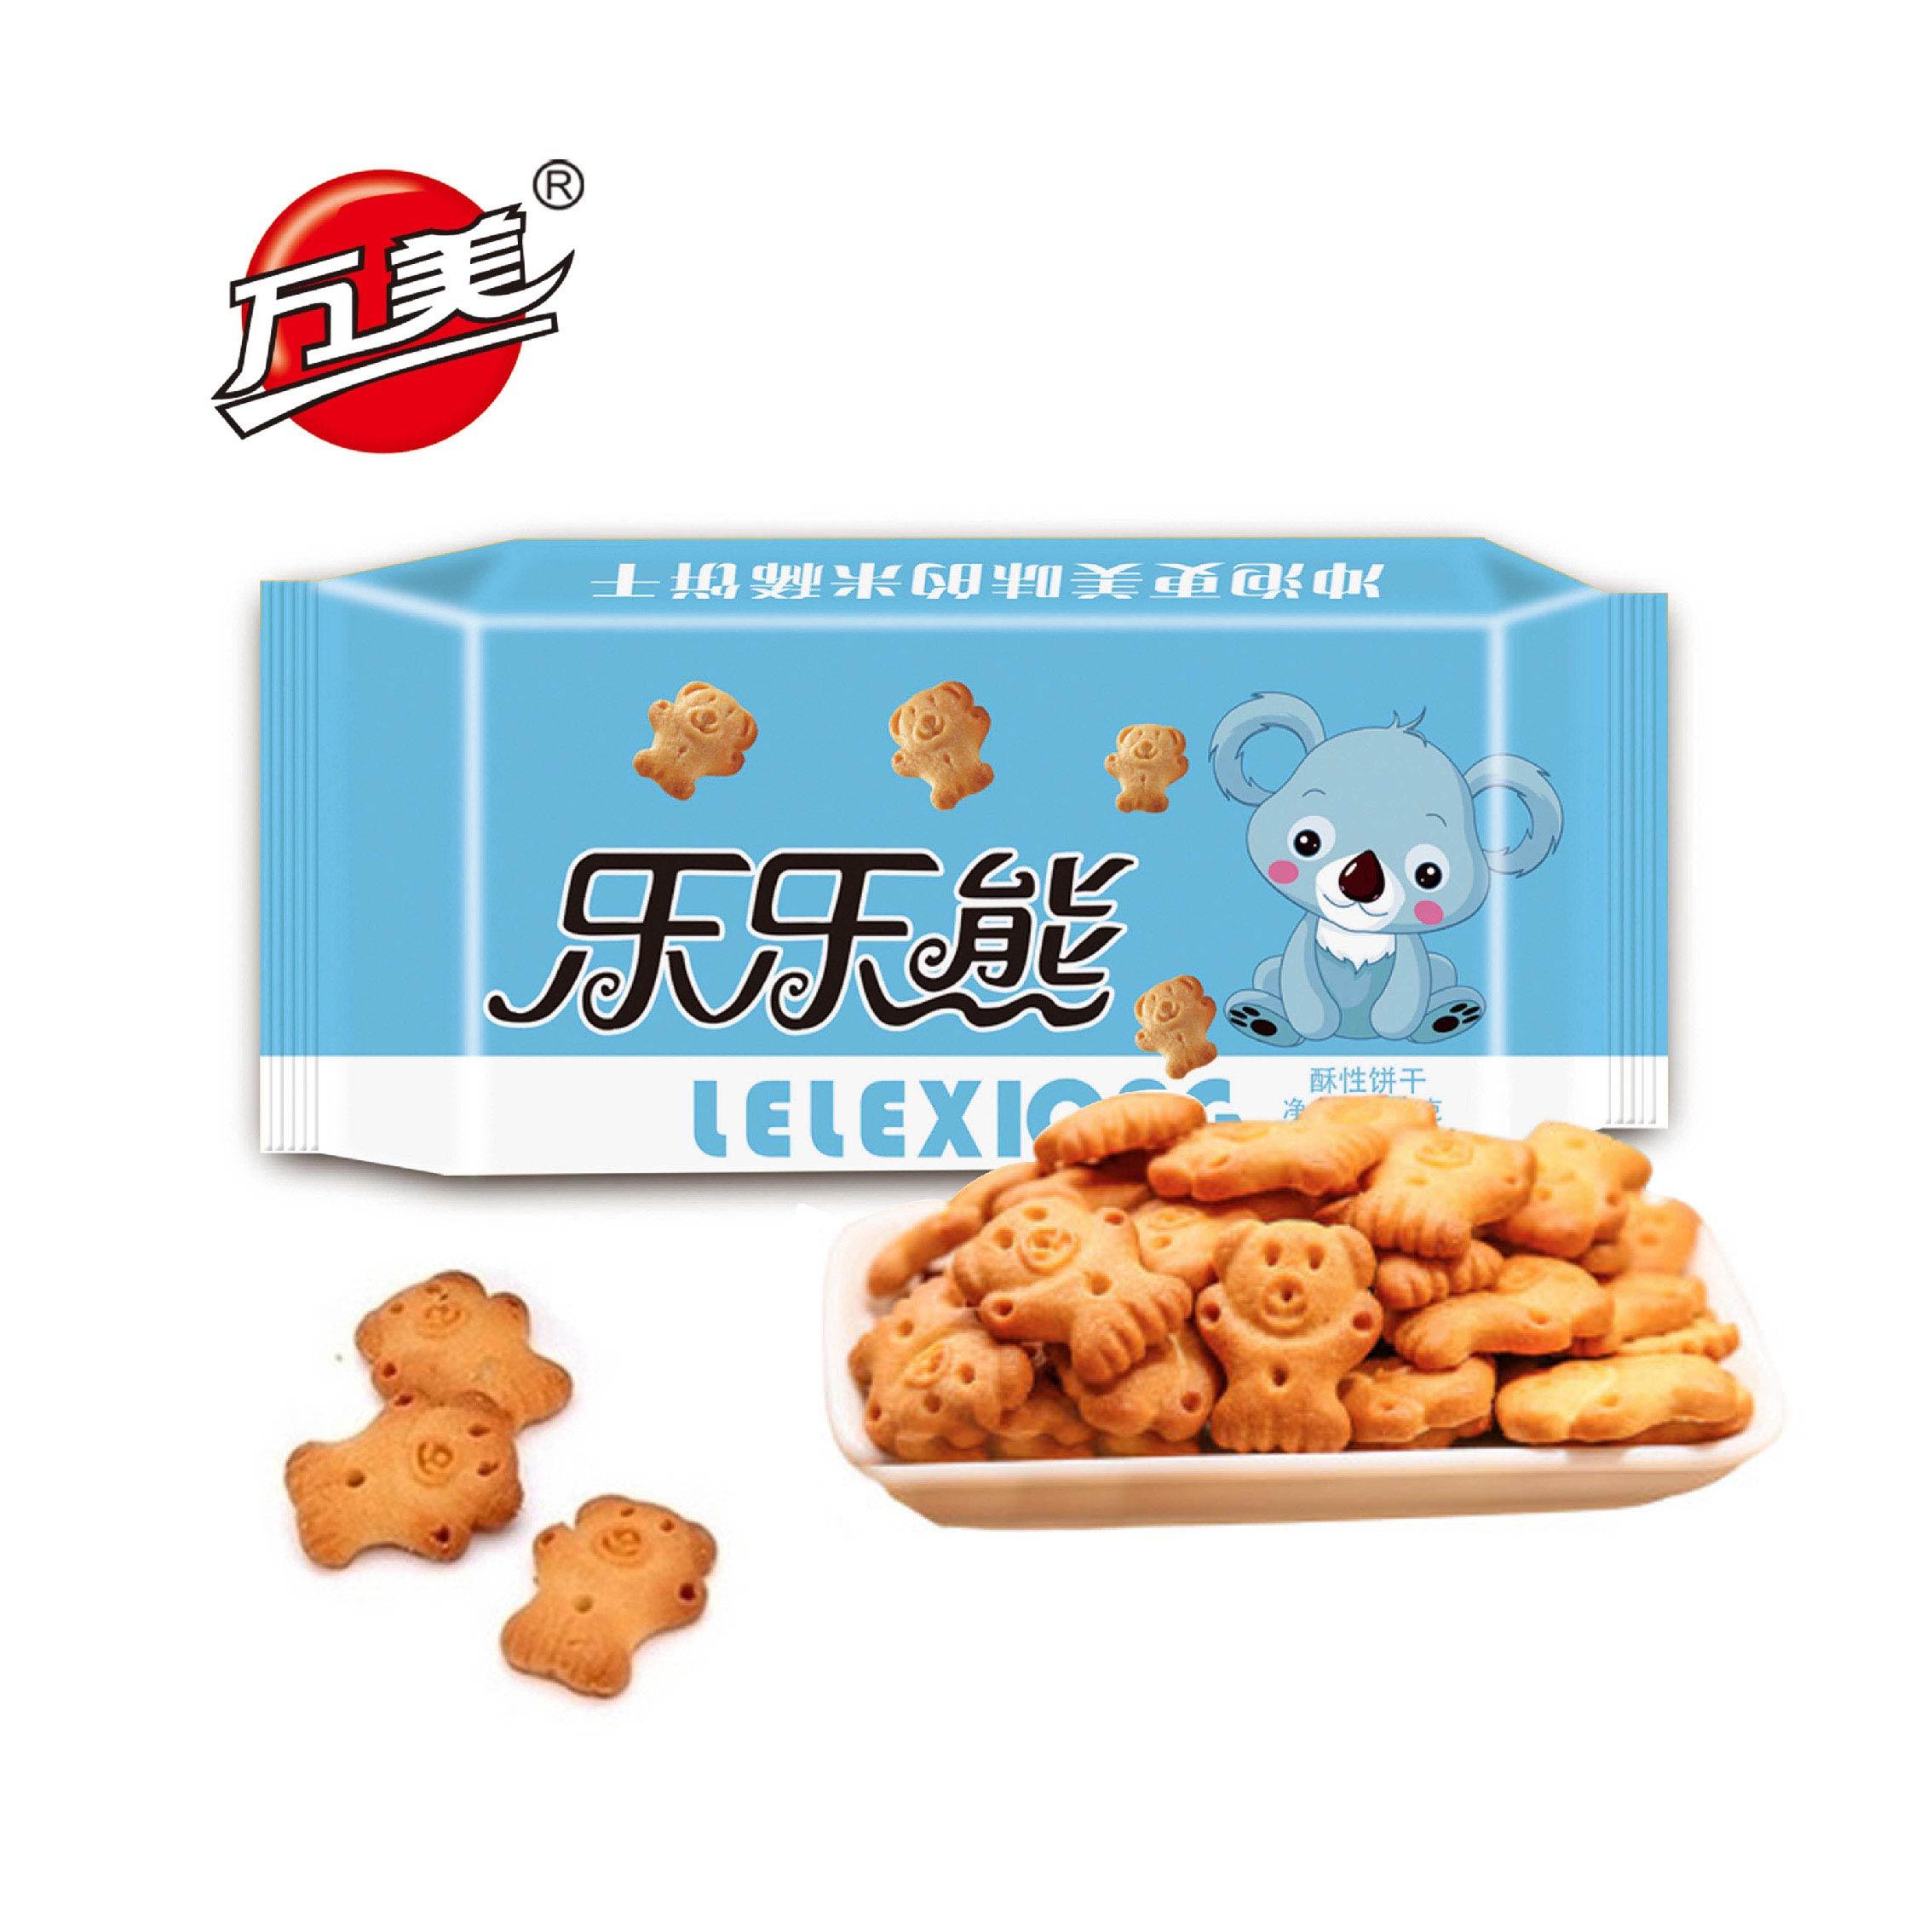 【万美】小熊米稀饼干500g